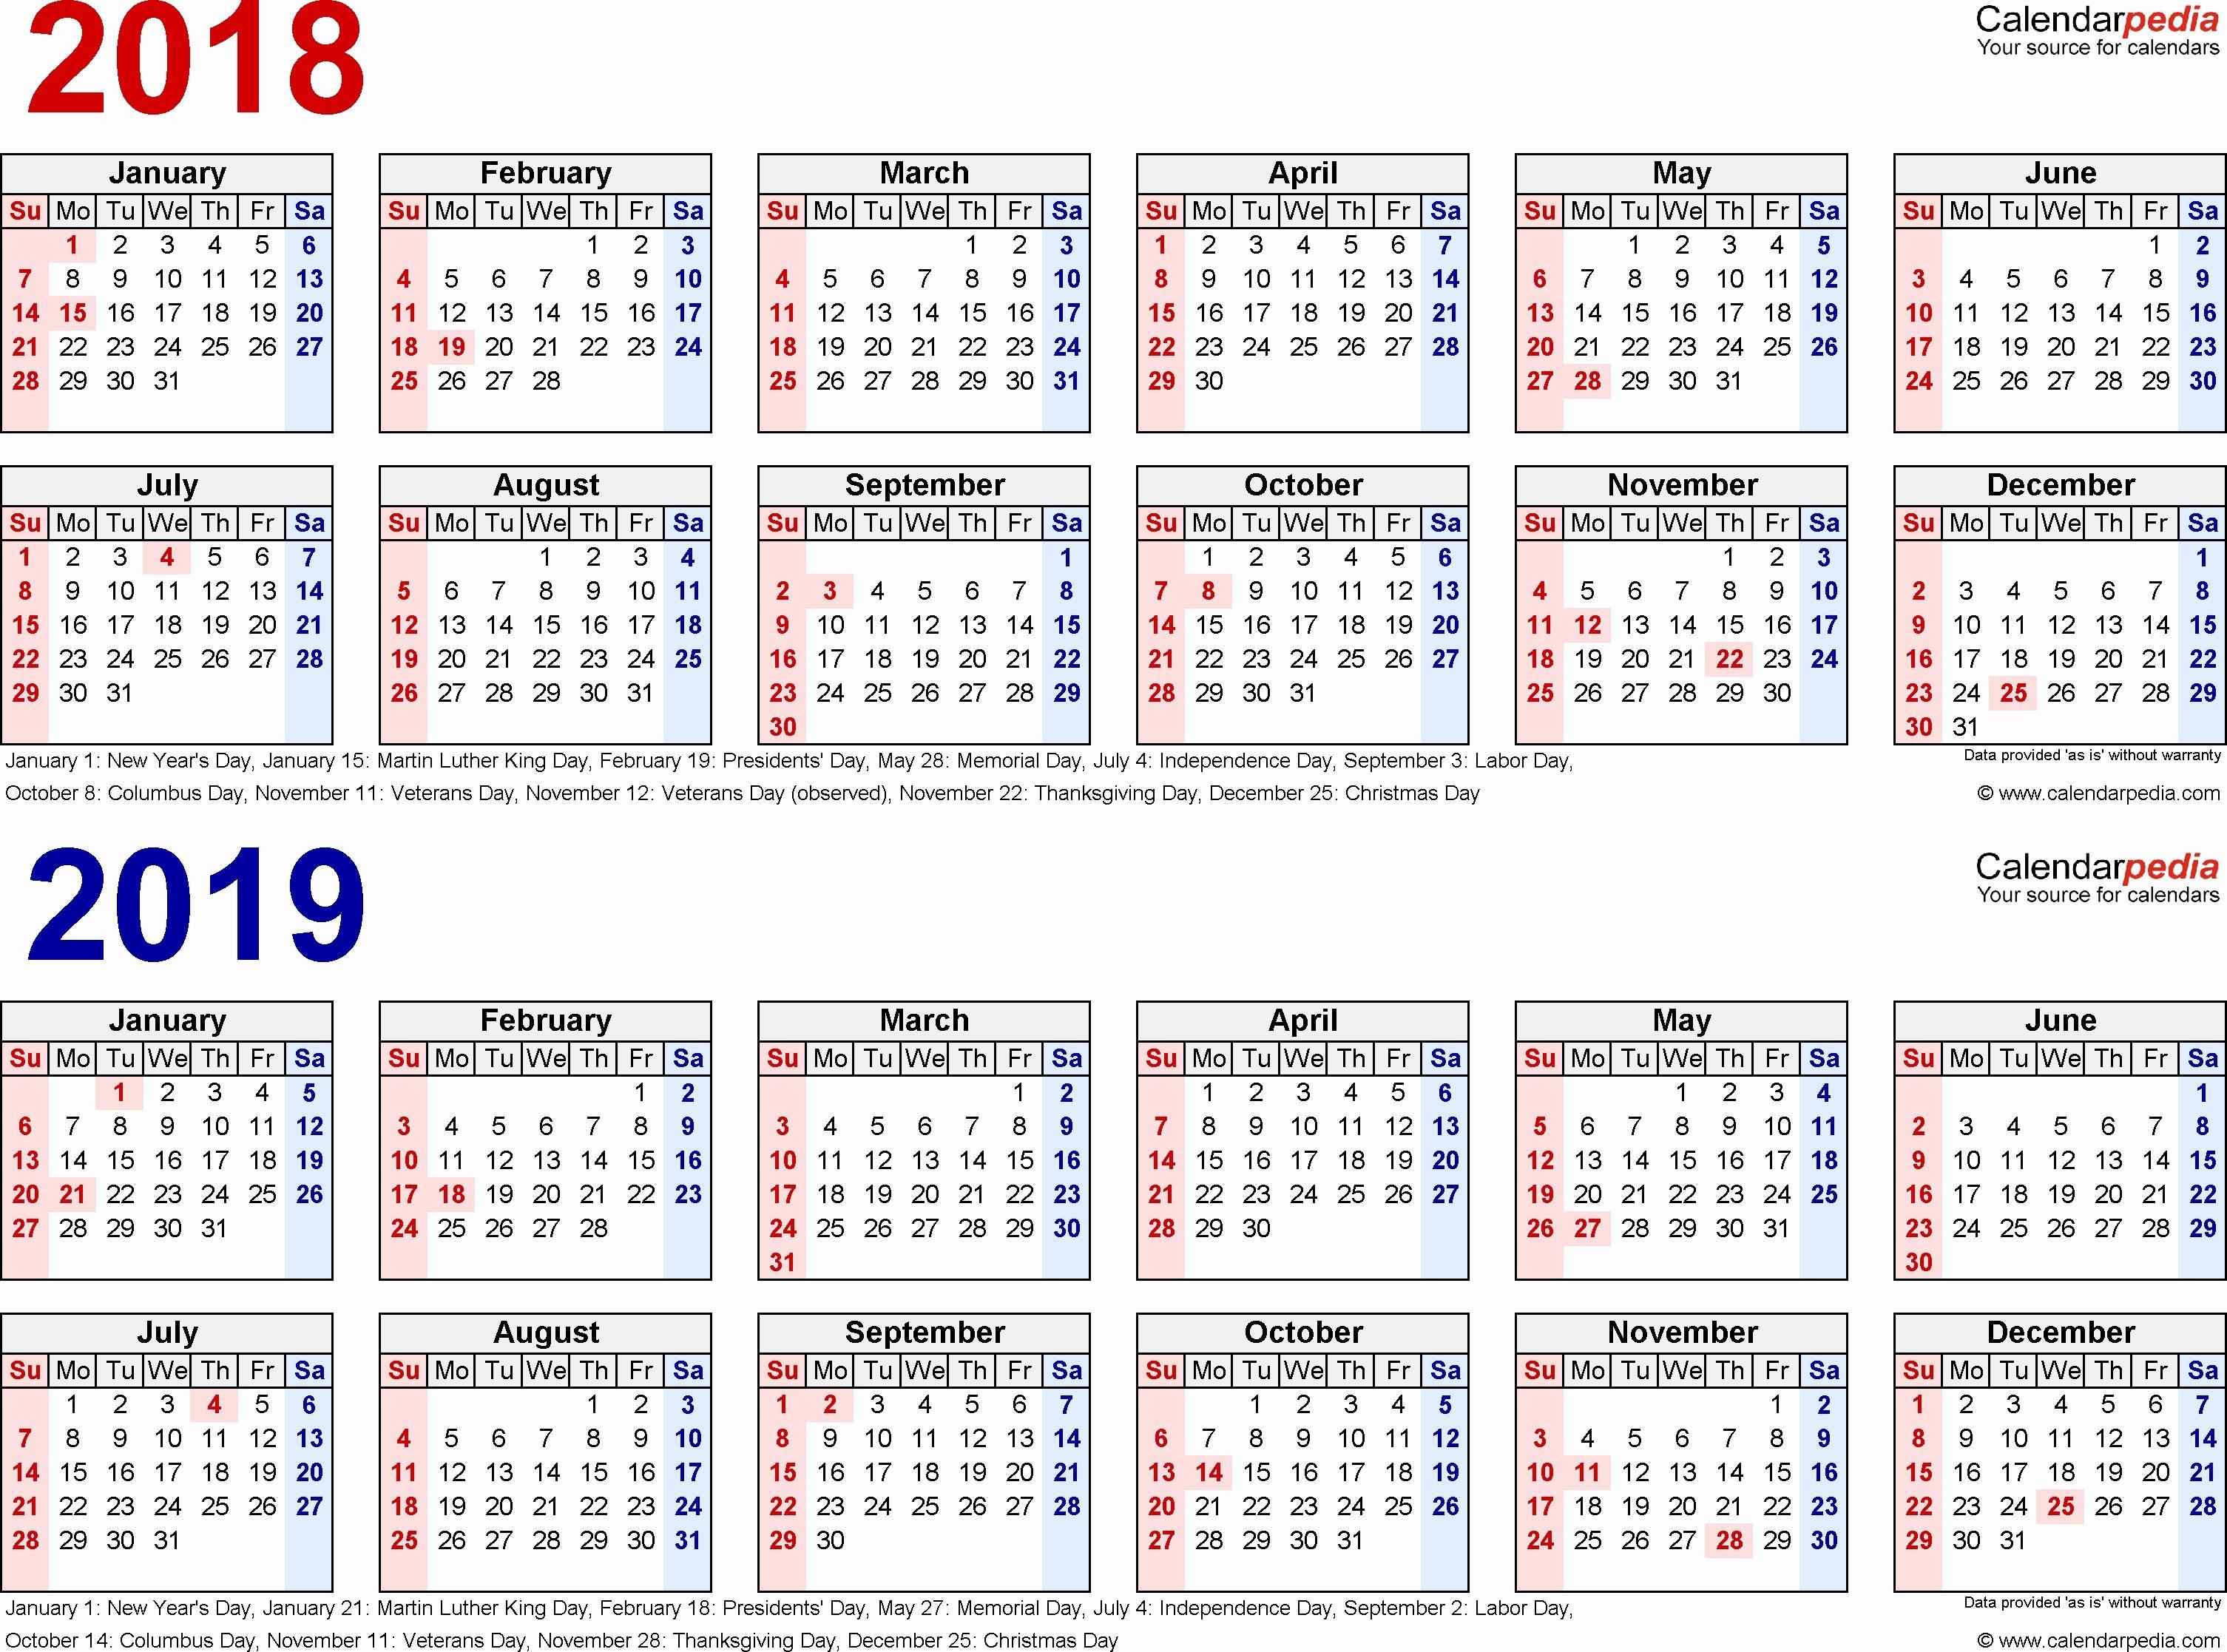 March 24 2019 Calendar